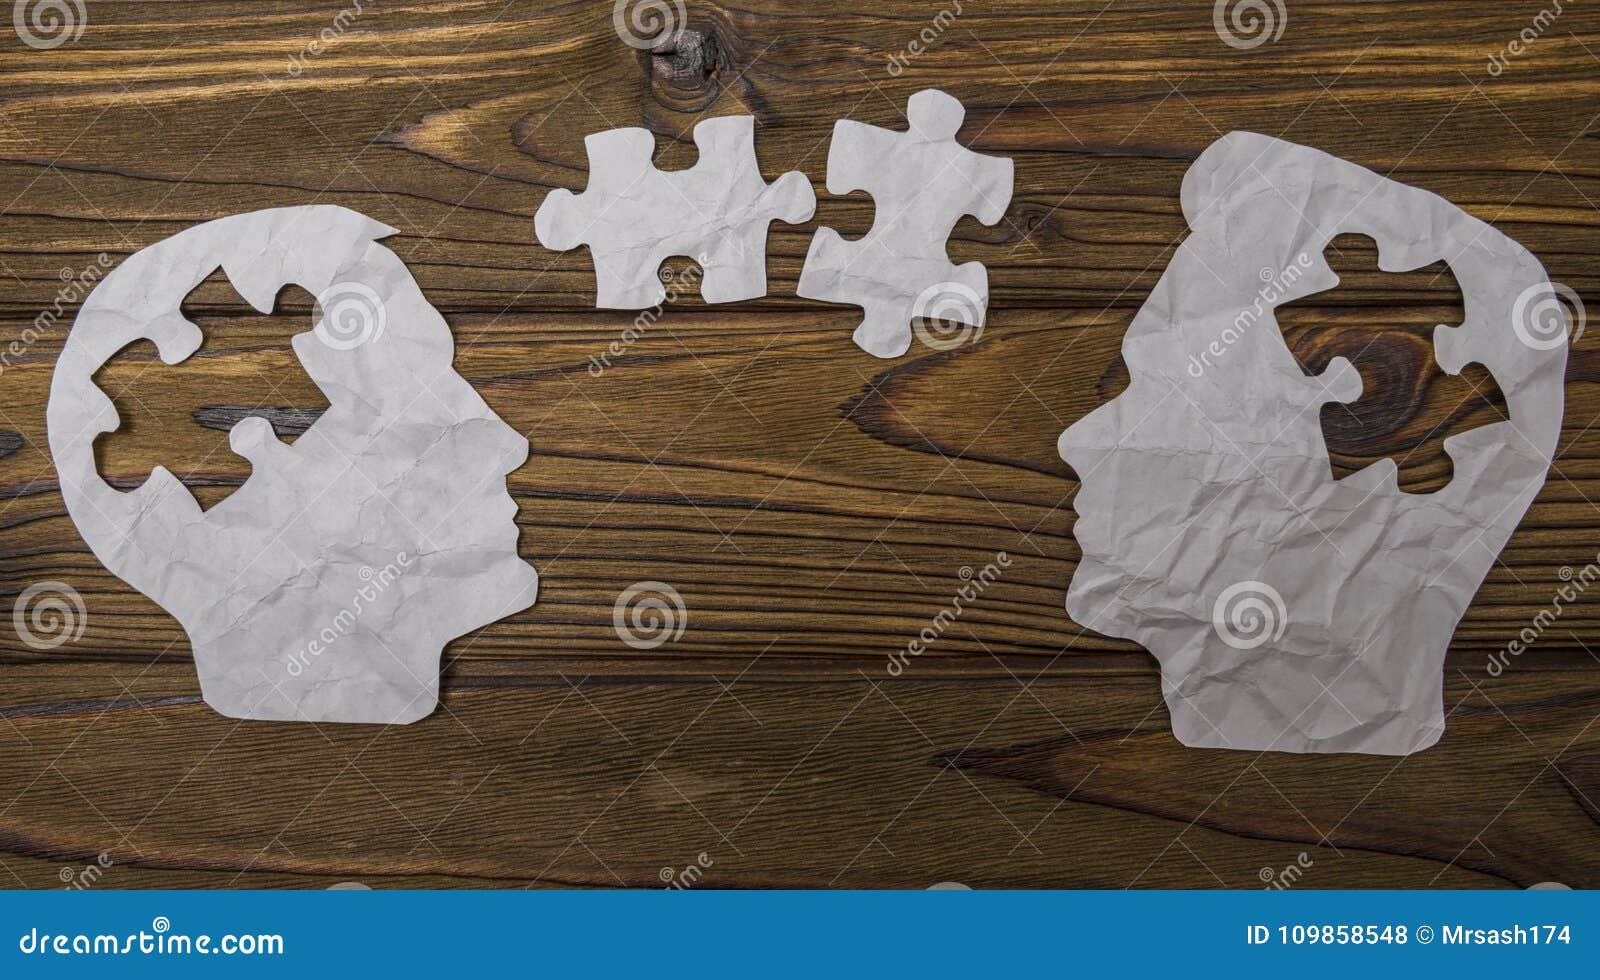 Złożony wizerunek papier w postaci dwa kierowniczych sylwetek na drewnianym tle